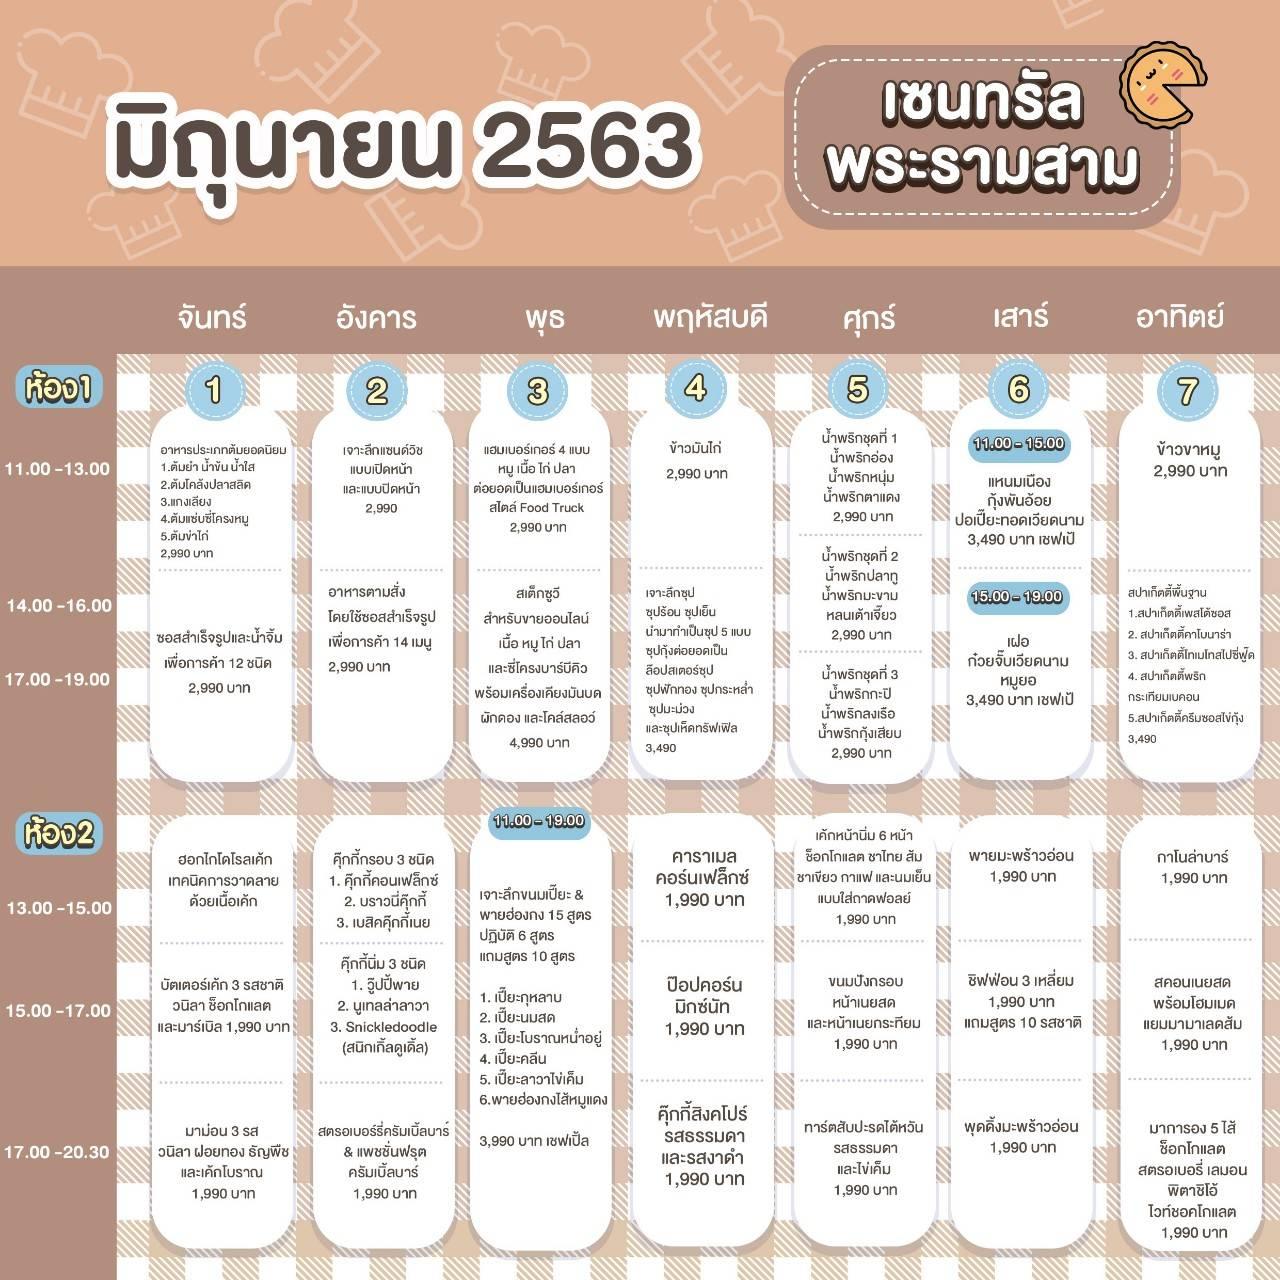 ตารางคอร์สเรียน เดือนมิถุนายน 2563@เซ็นทรัลพระราม 3